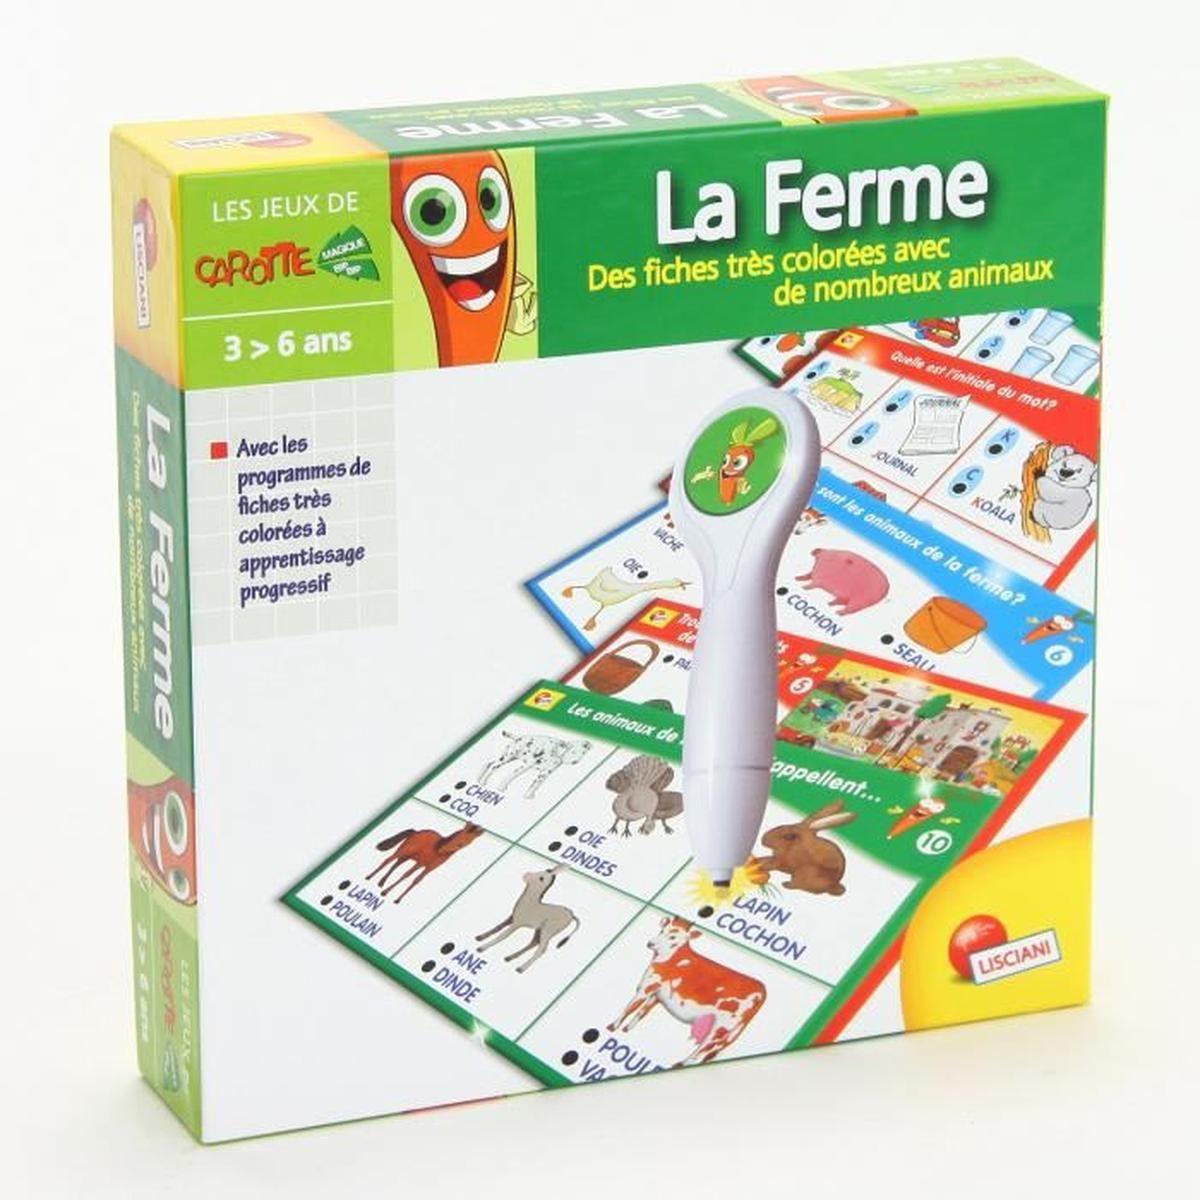 Jeu Éducatif Avec Stylo Intéractif - La Ferme - Achat encequiconcerne Jeux Educatif 5 6 Ans